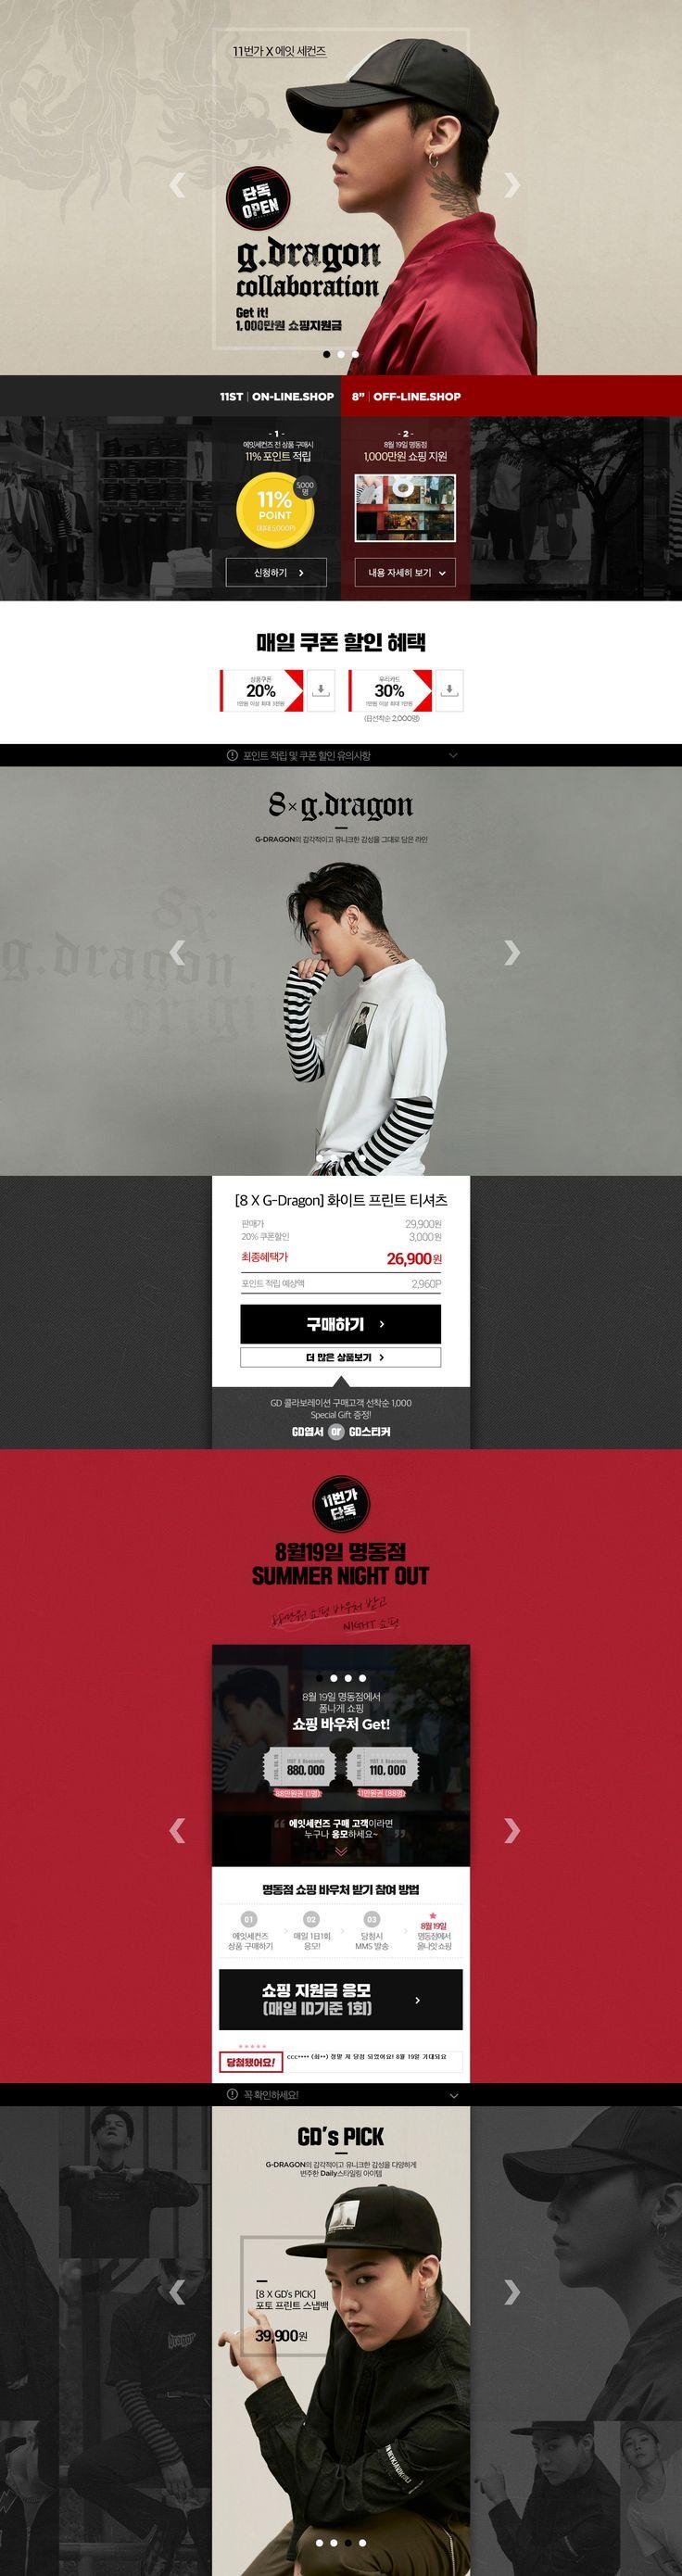 #2016년8월2주차 #11번가 #G.DRAGON콜라보레이션www.11st.co.kr